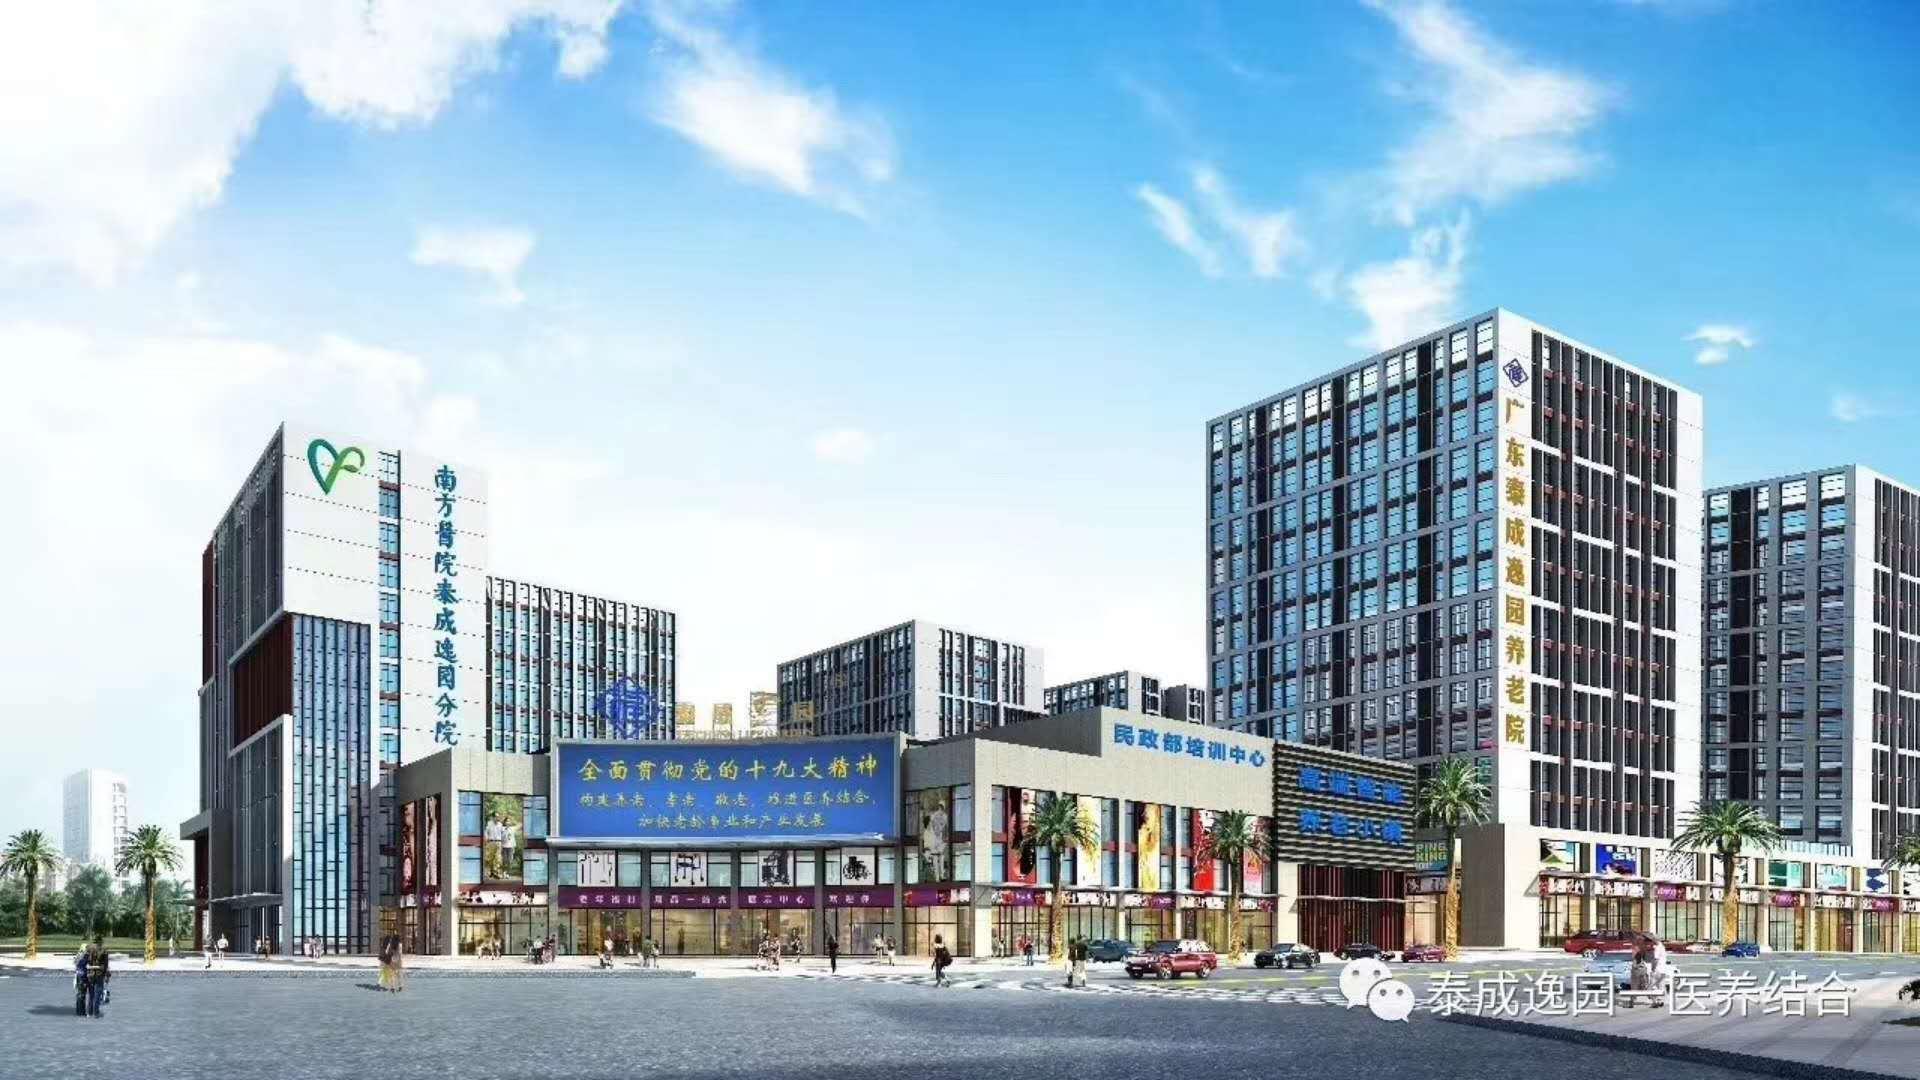 2020年广州养老院最新排名,广州较好的养老社区有哪些?